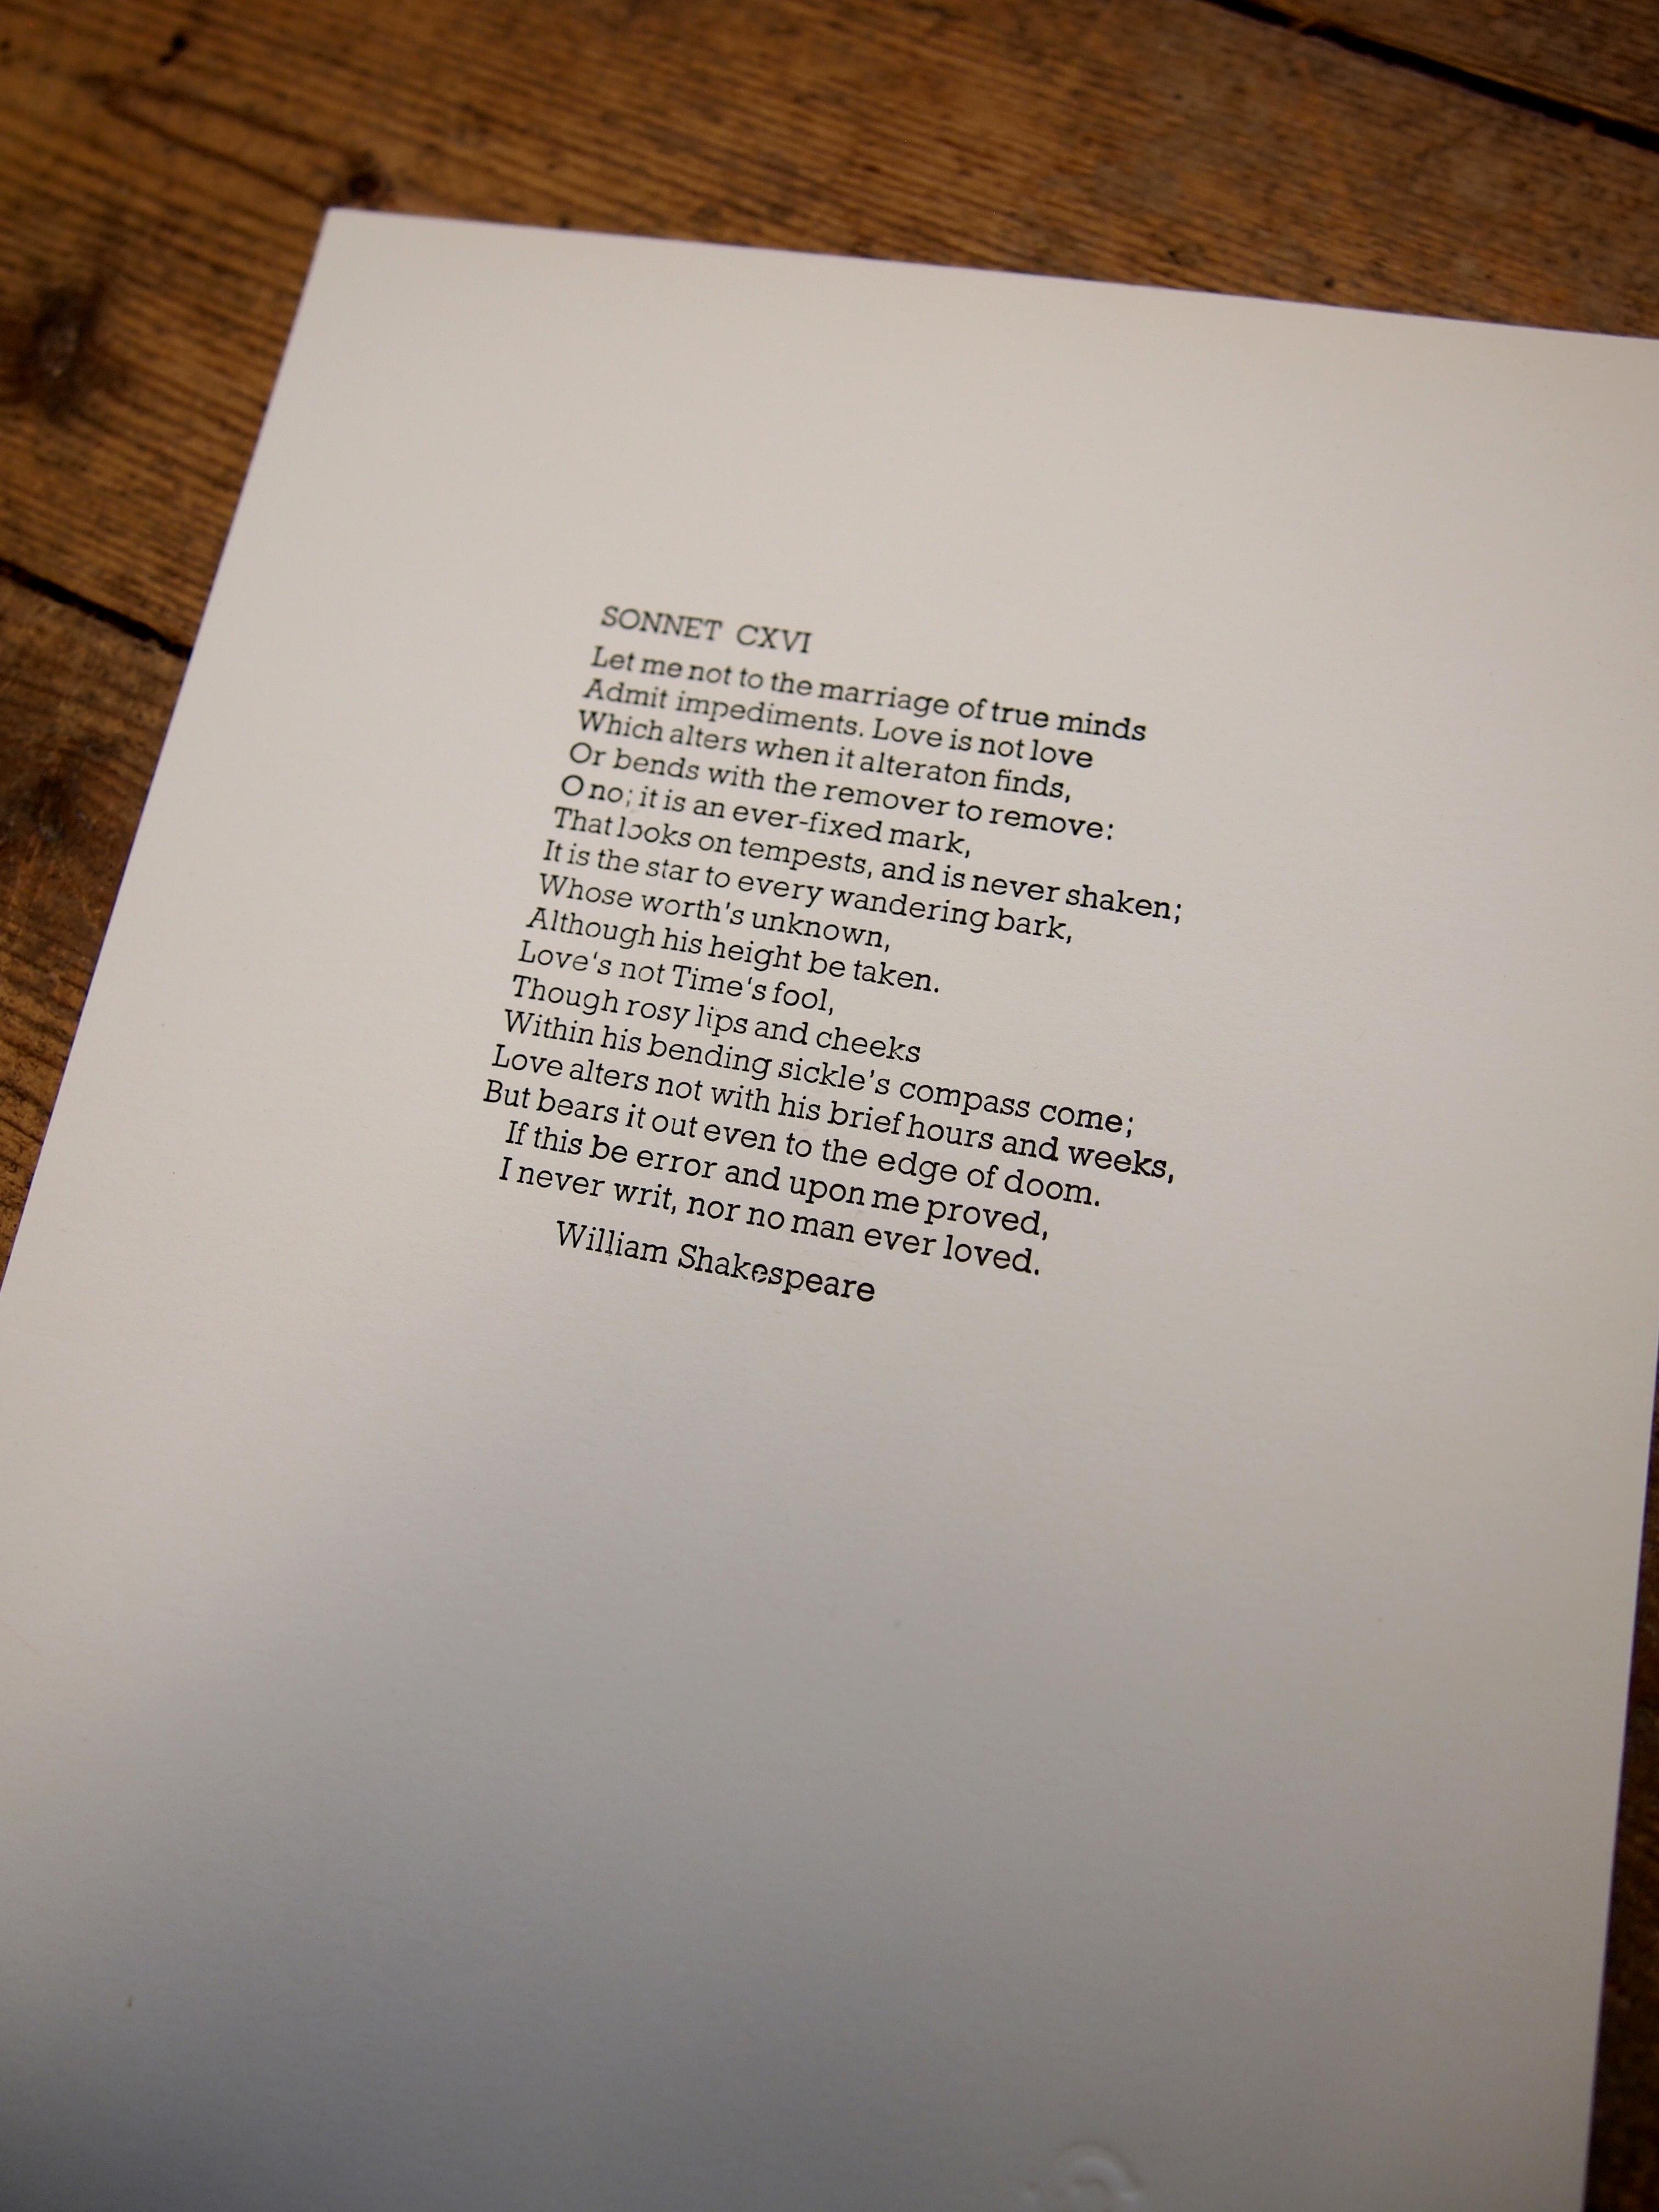 Shakespeare's Sonnet LXVI